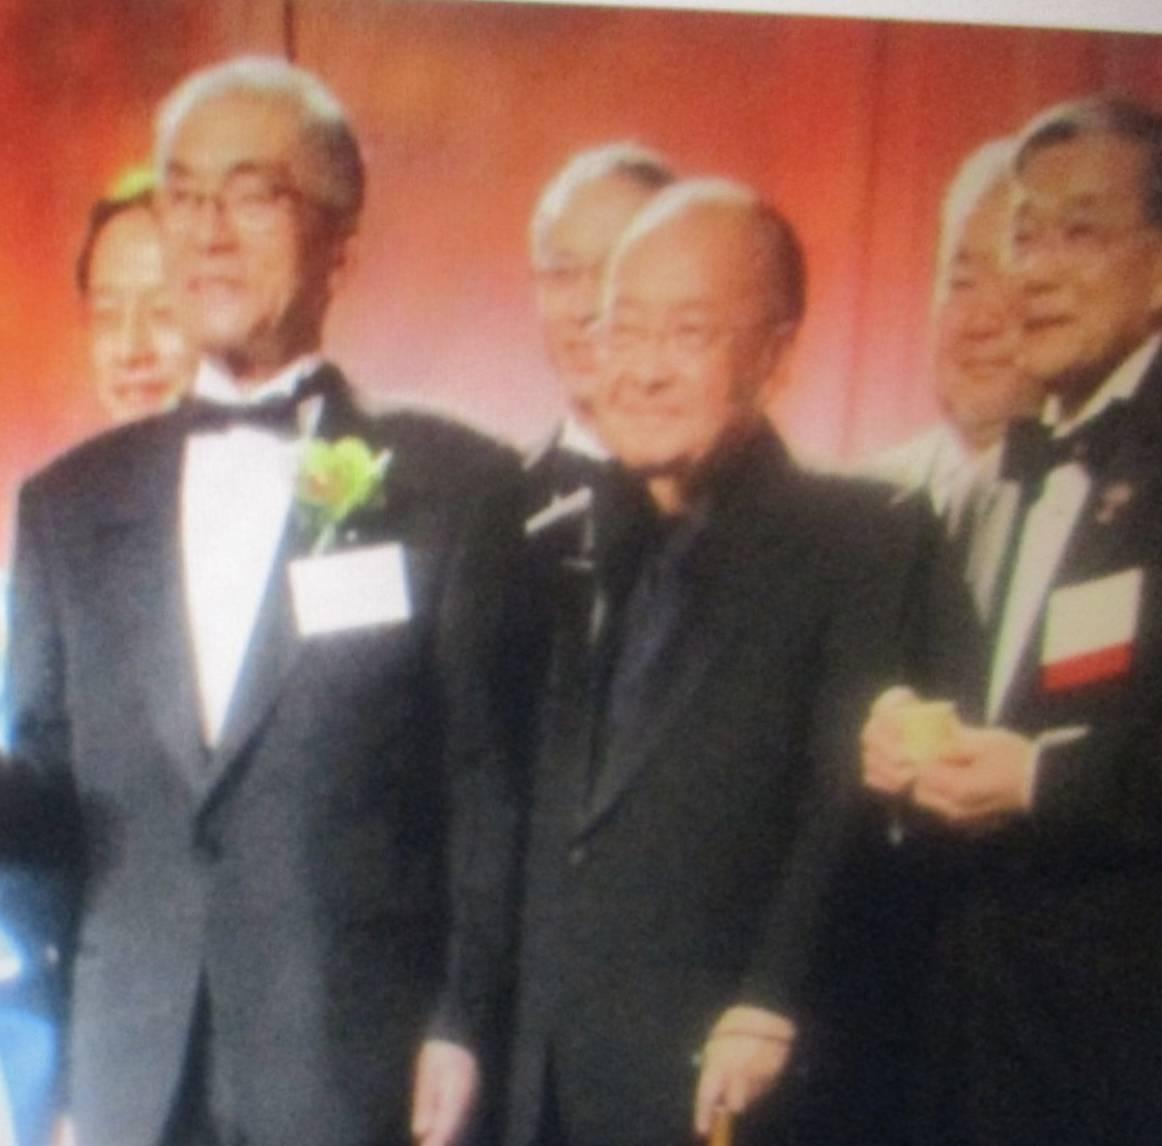 和食の父故金井会長:アメリカ全土に健康和食の「寿司・酒・ラーメン」を拡大しました。